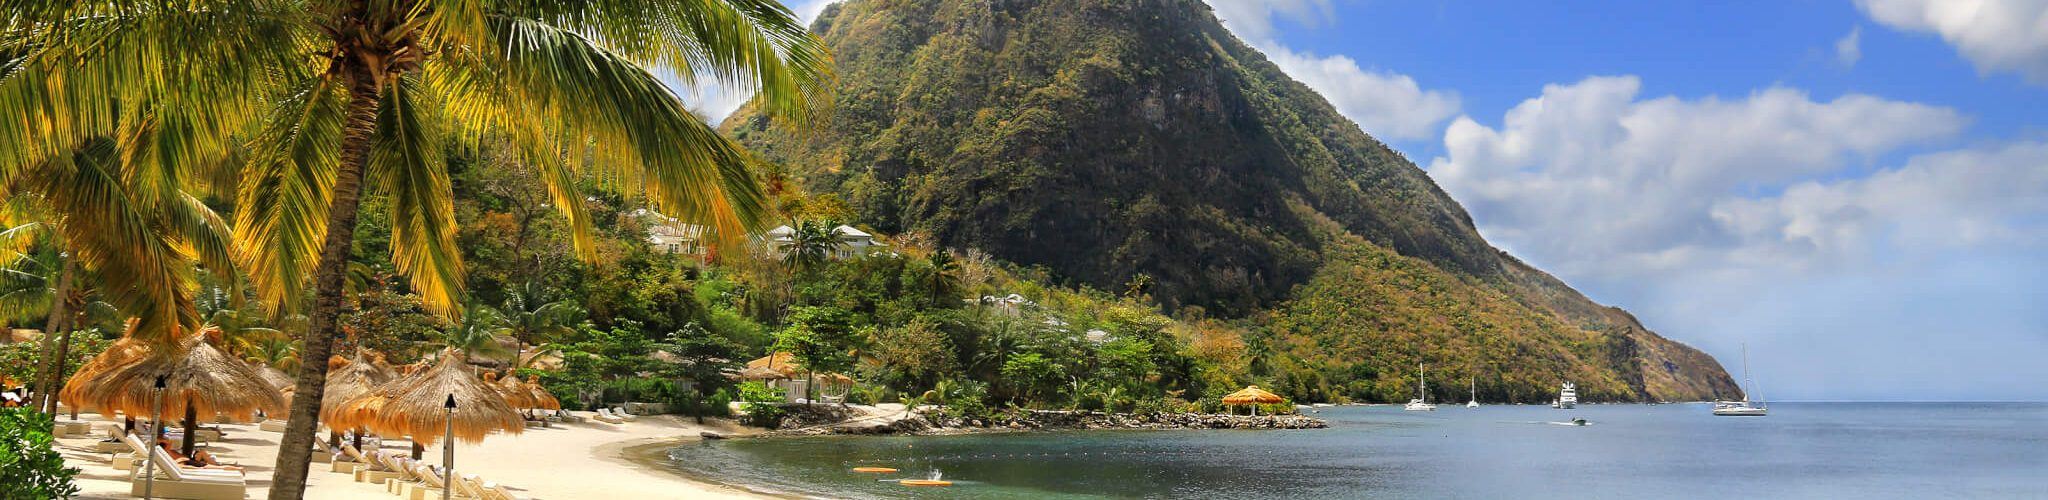 Saint Lucia tekee sen jälleen vangitsemalla lukuisia kunnianosoituksia 27. vuosittaisessa World Travel -osastossa